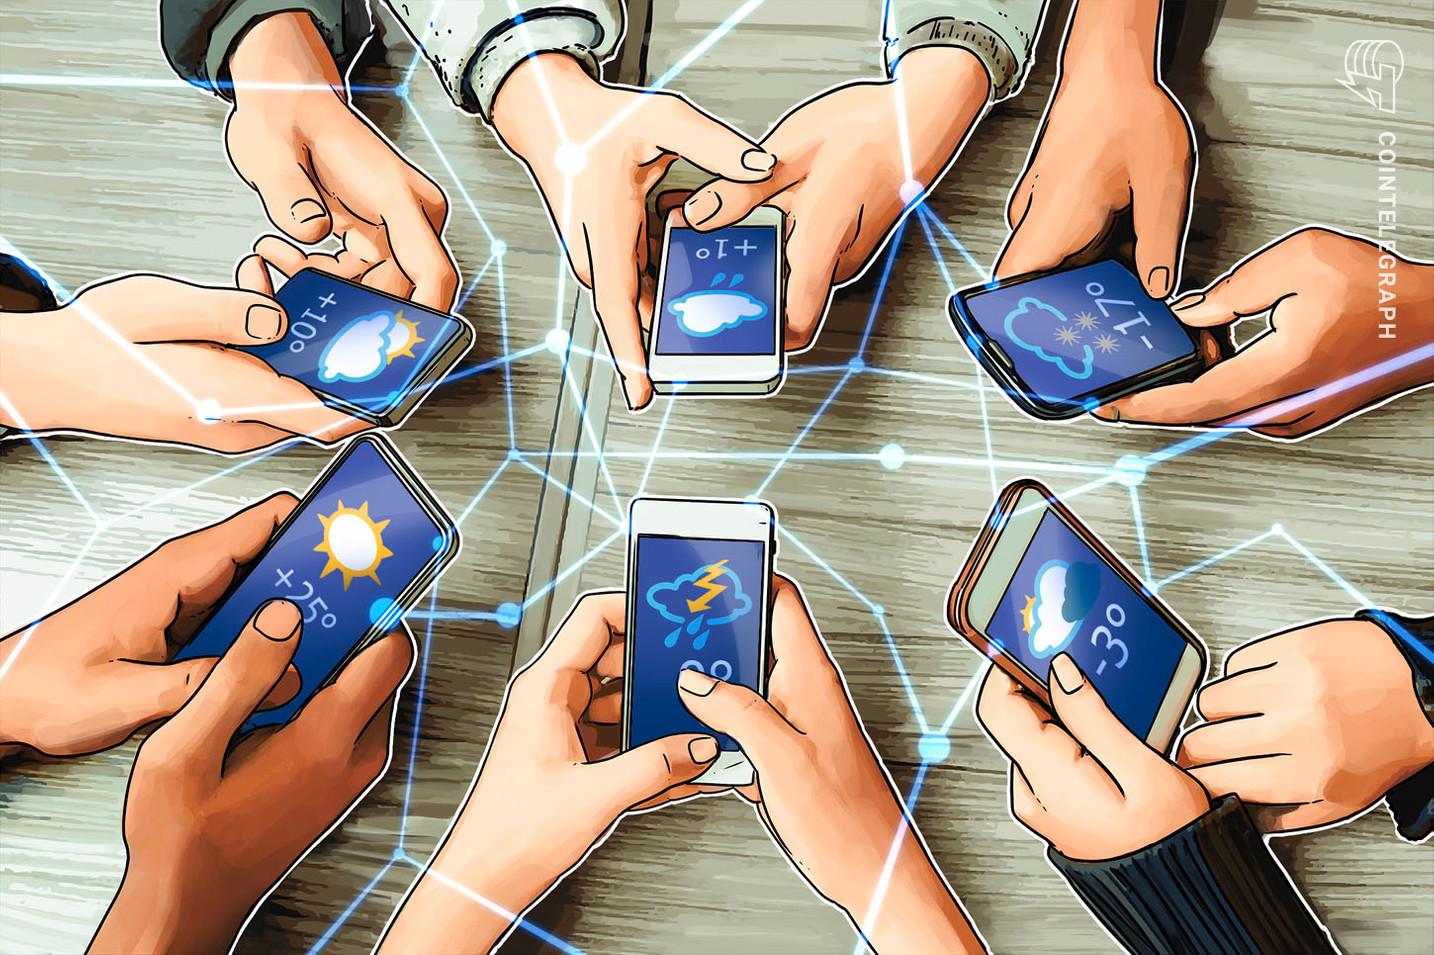 トランザクションの98%がお天気アプリの書き込み 自称サトシ・ナカモト率いる仮想通貨ビットコインSV